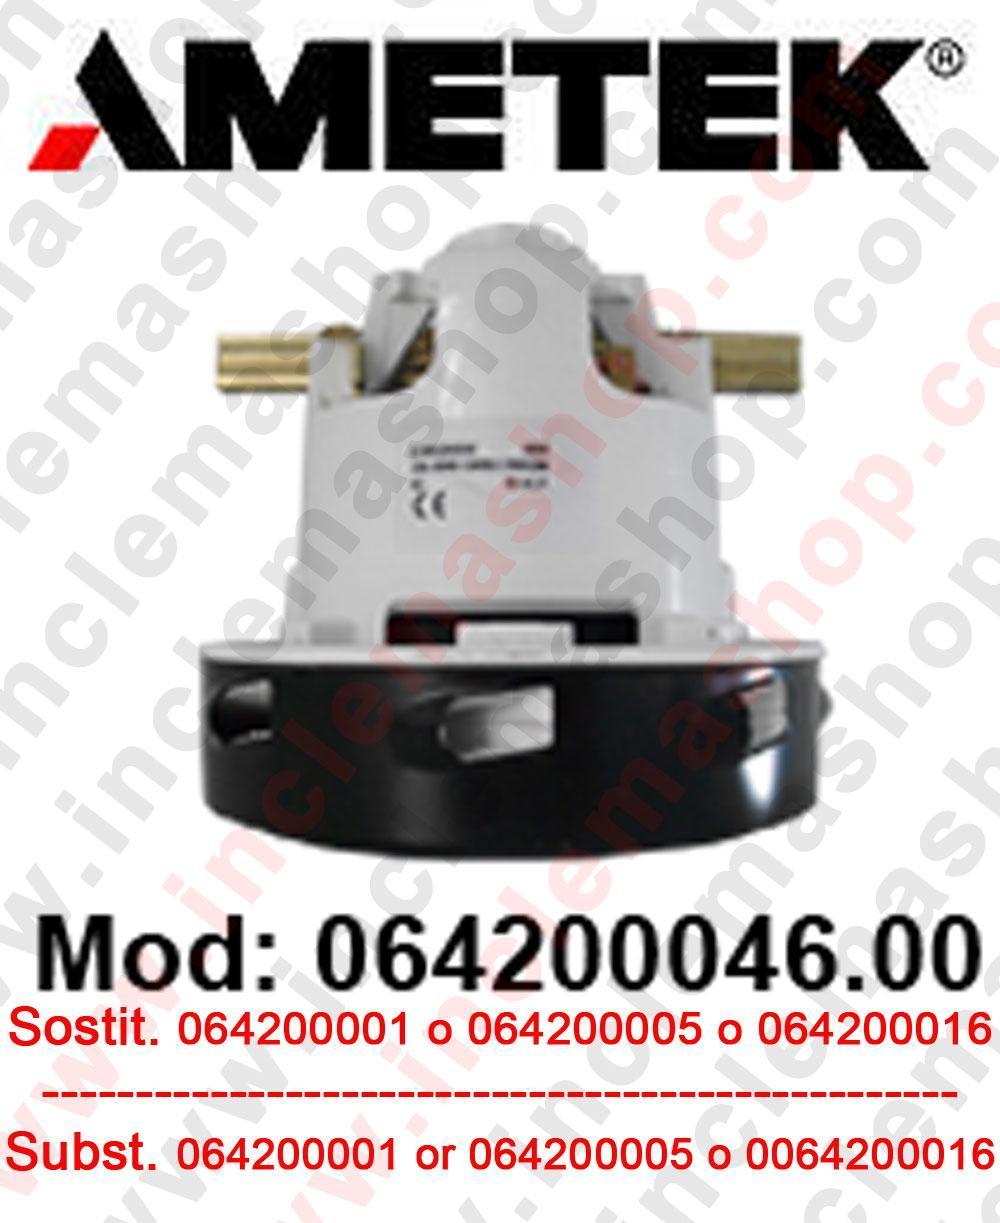 MOTEUR ASPIRATION AMETEK 064200046.00 pour autolaveuses et aspirateur. Remplace il  064200001 o 064200005 o 064200016